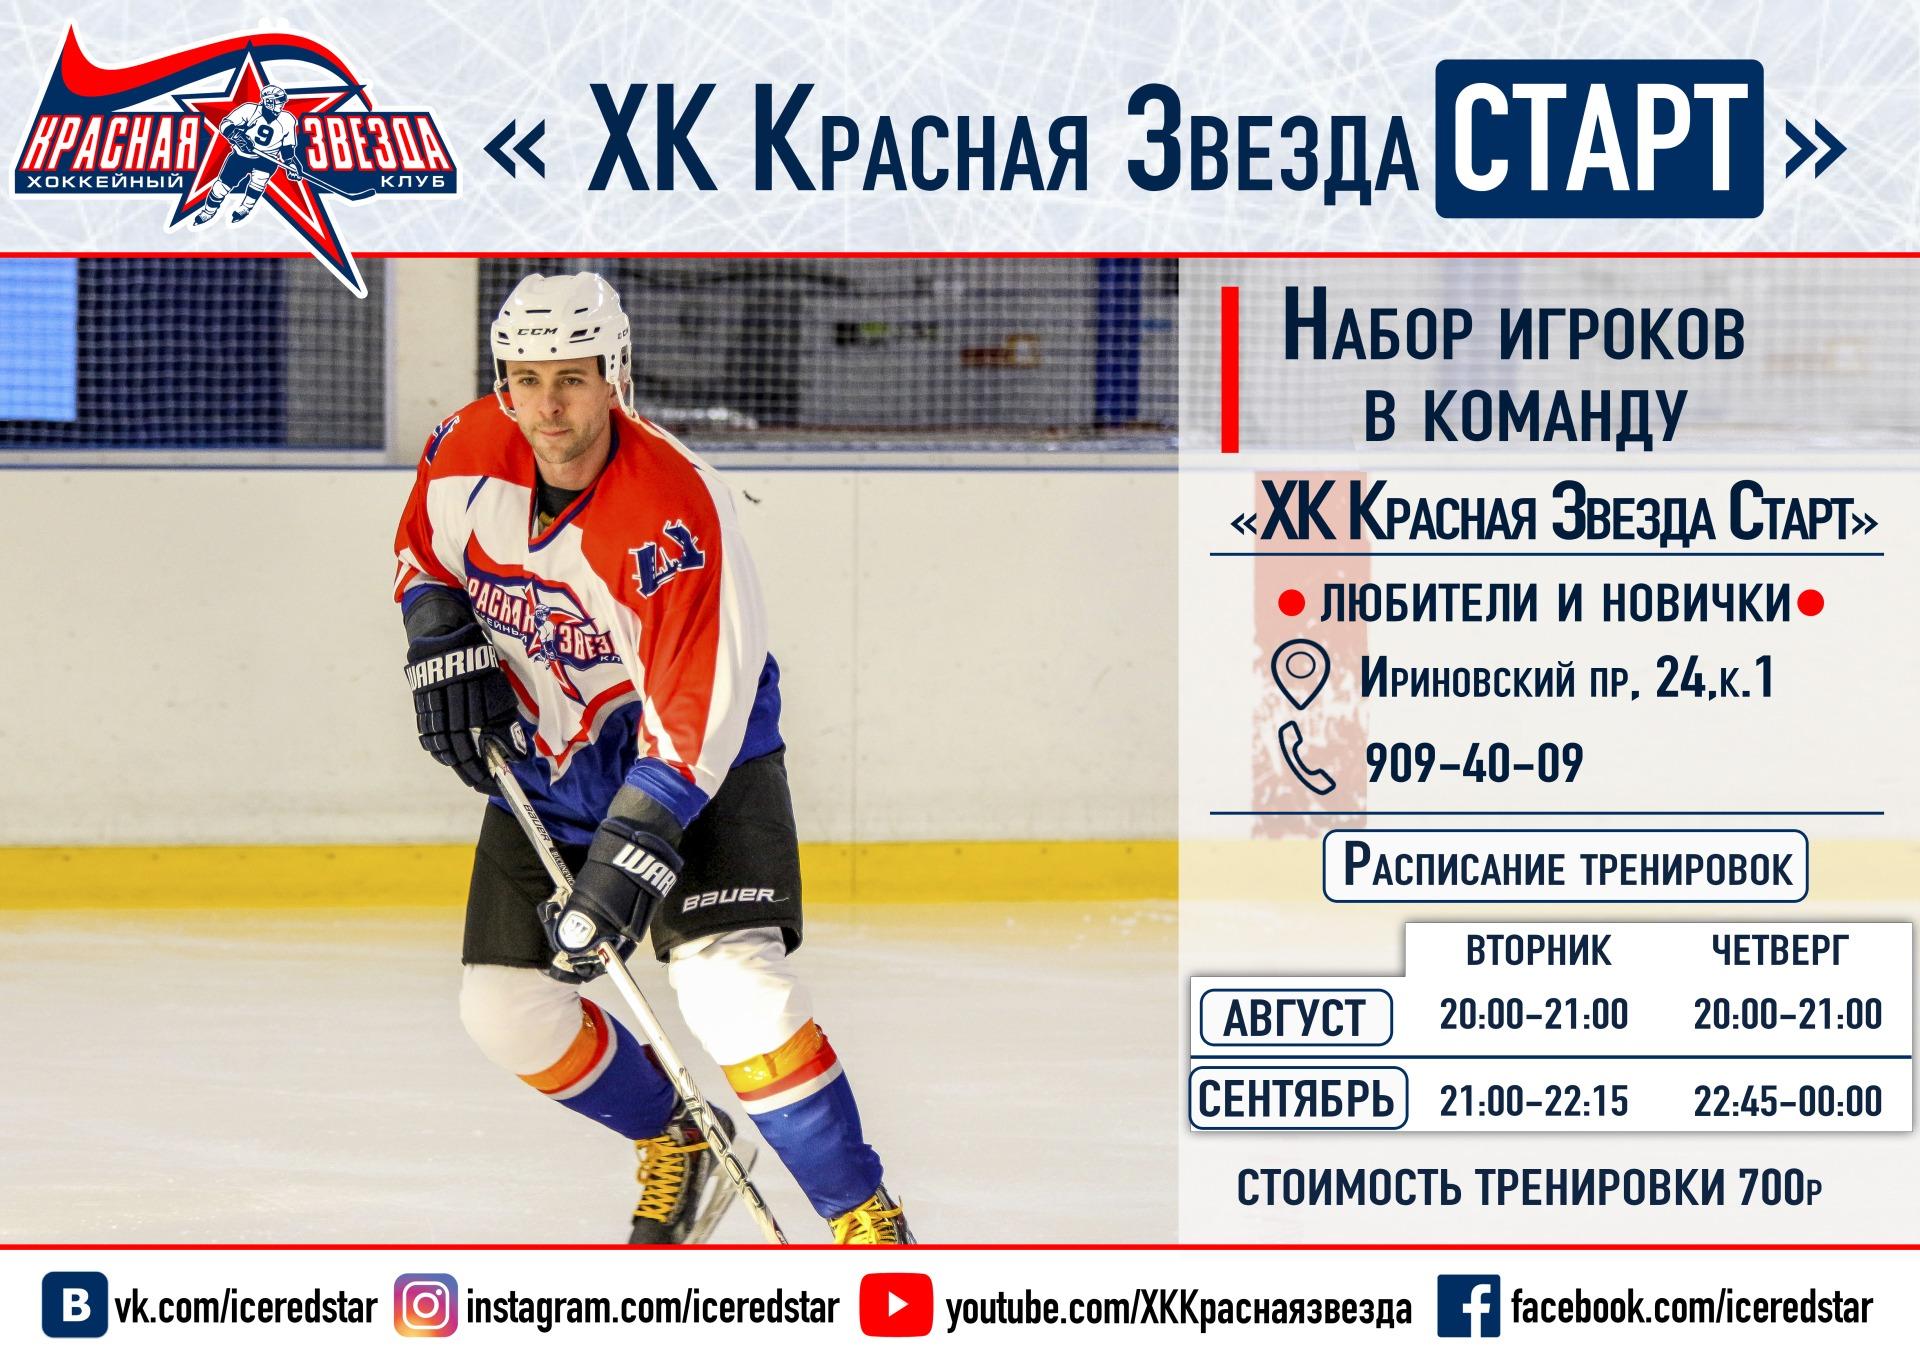 """""""КРАСНАЯ ЗВЕЗДА - СТАРТ"""" РАСПИСАНИЕ ТРЕНИРОВОК"""